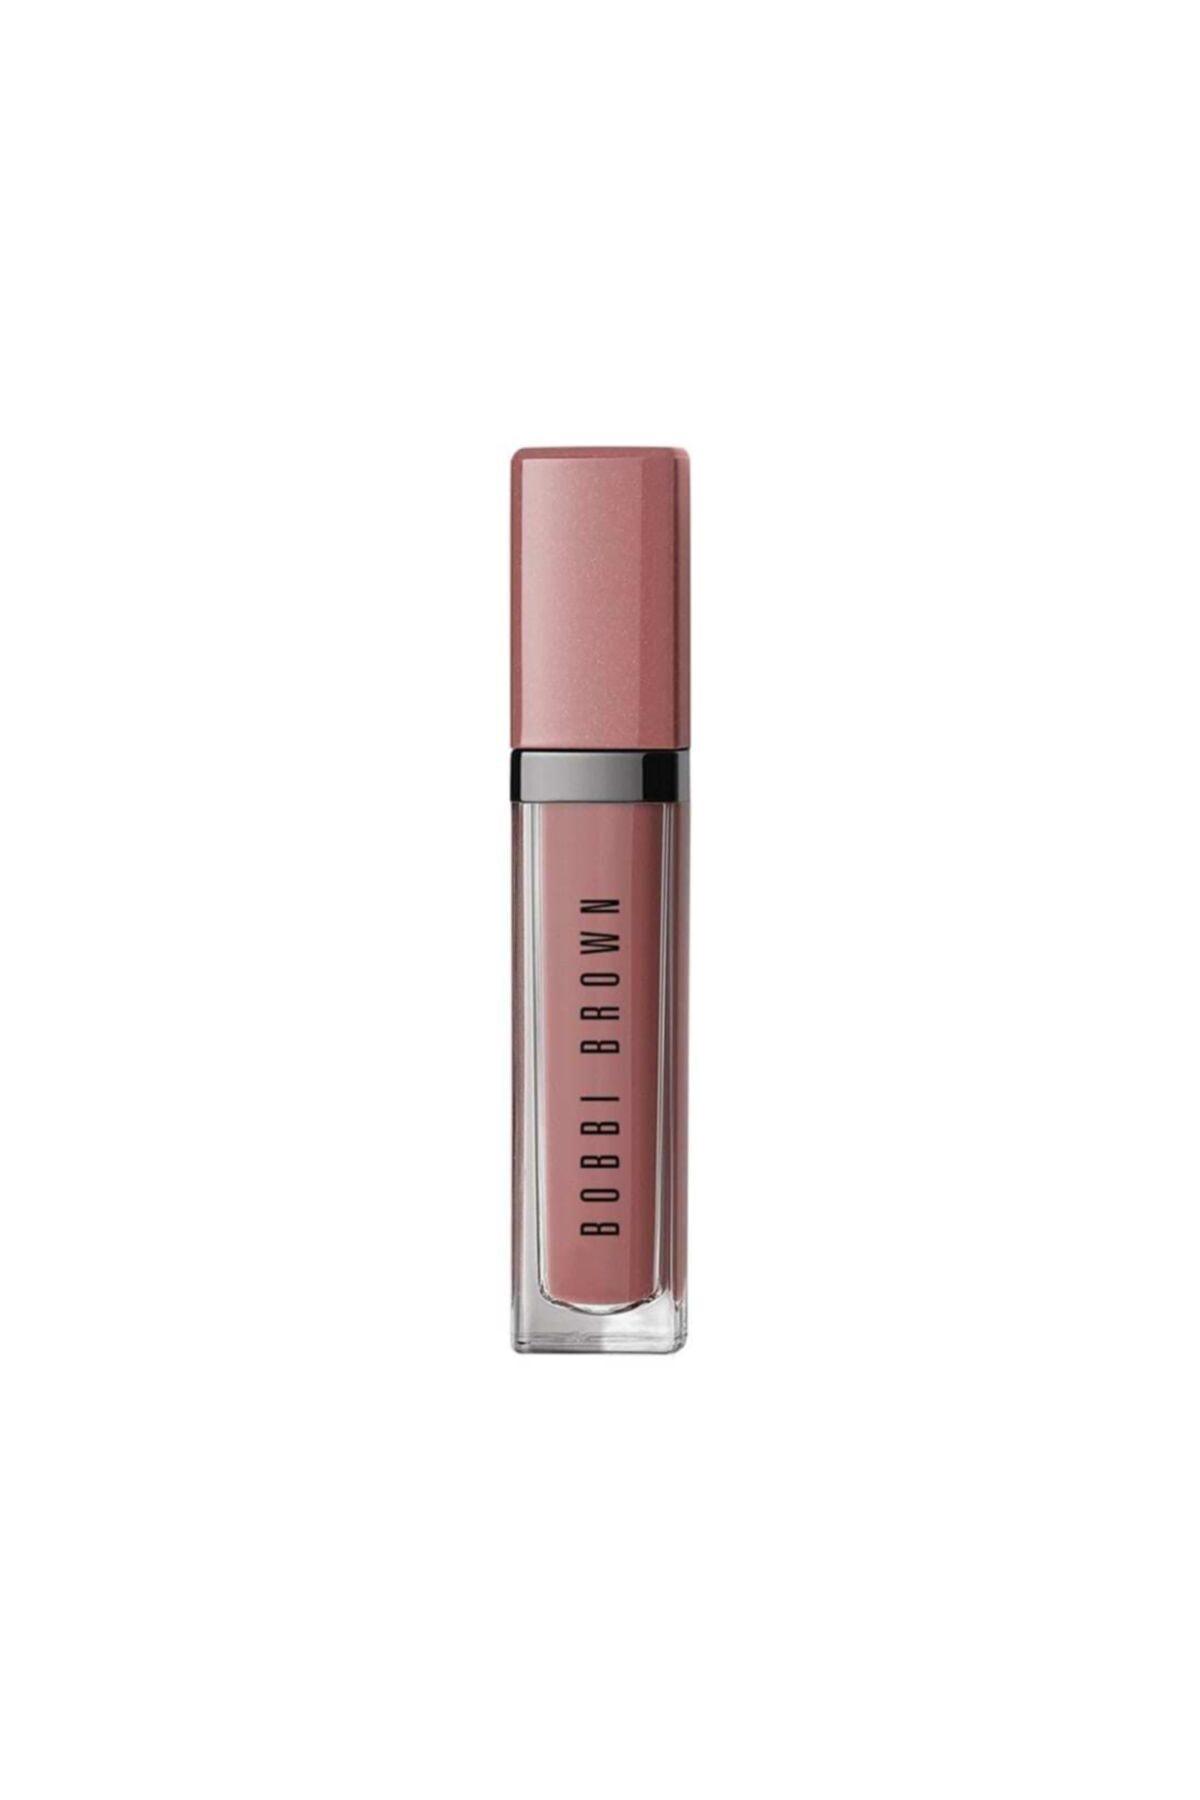 BOBBI BROWN Likit Ruj - Crushed Liquid Lip Juicy Date 5 ml 716170214849 1